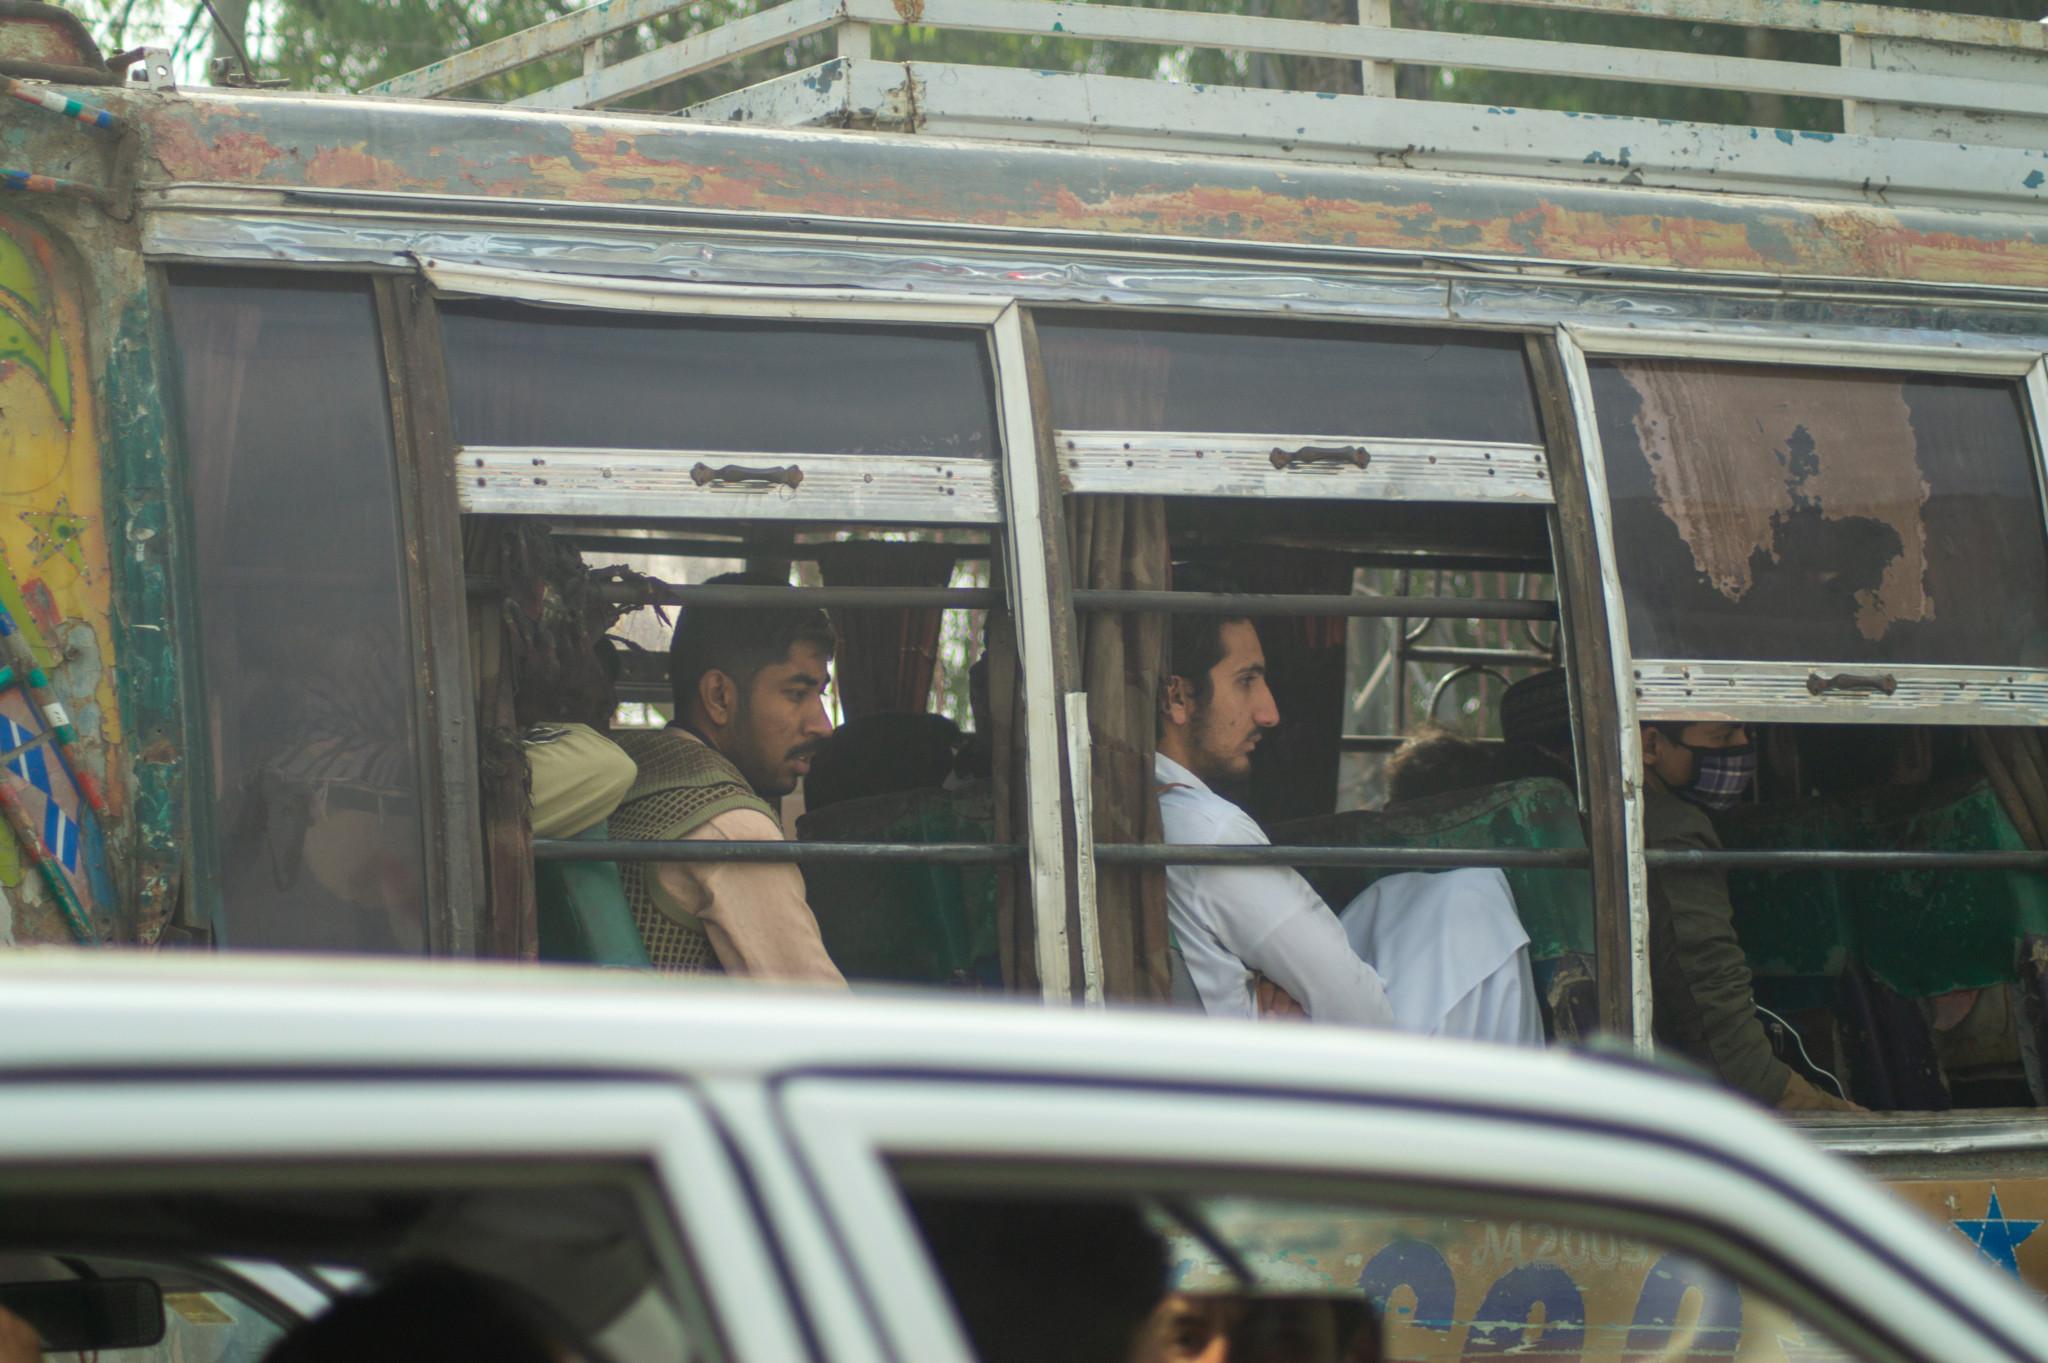 Busfahren klappt in Pakistan sehr leicht